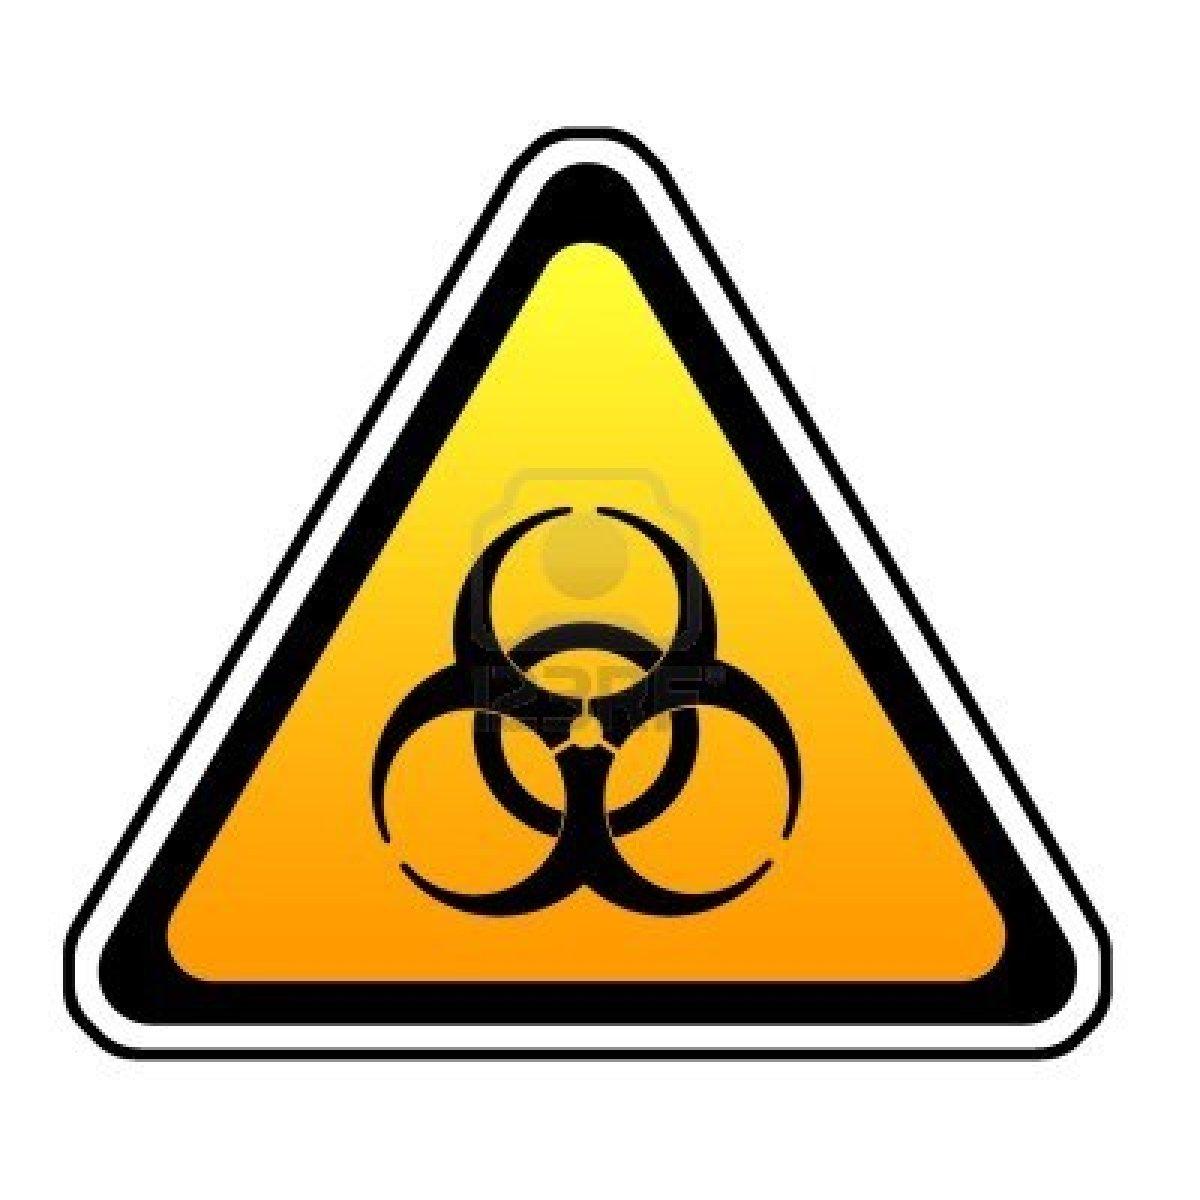 Universal Symbol For Choking Hazard